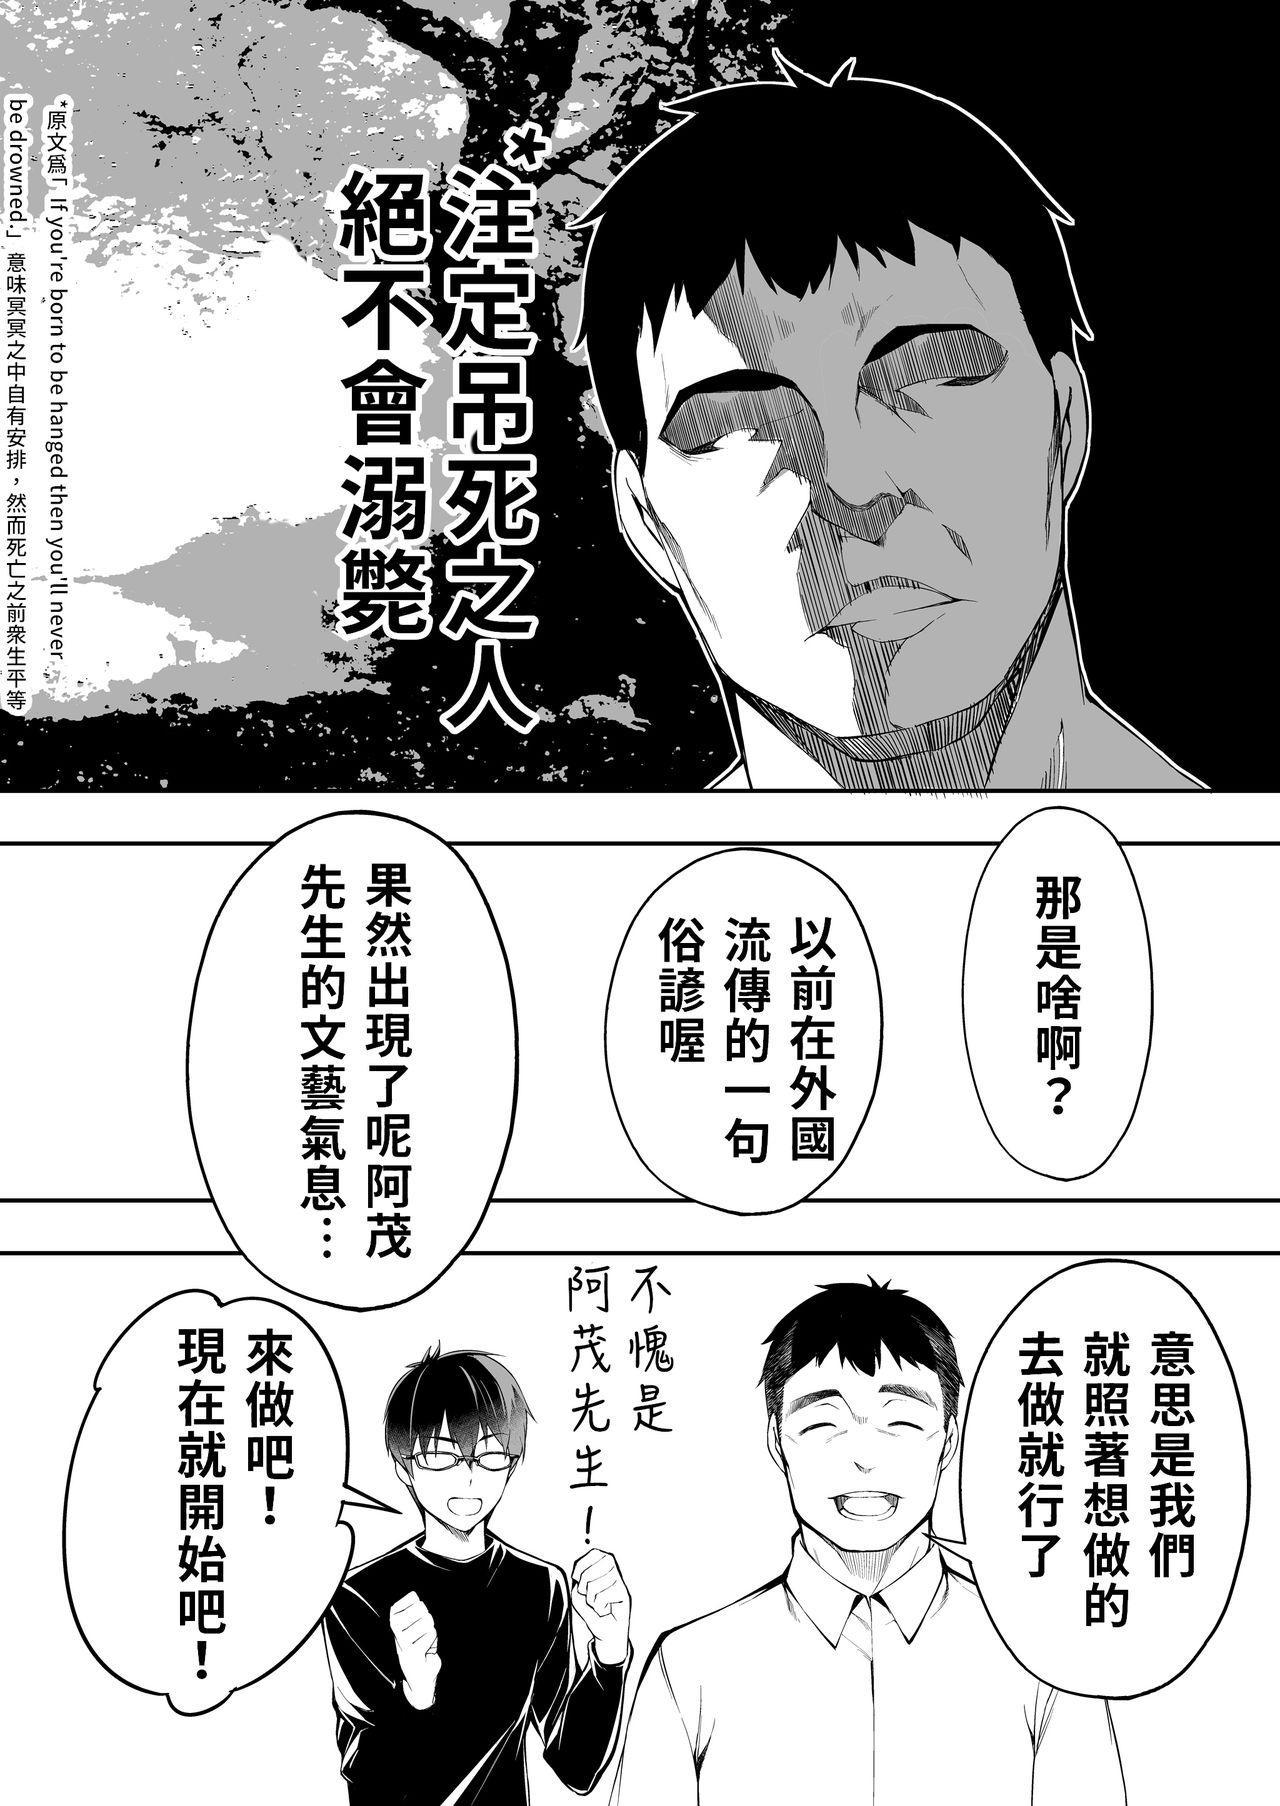 Panpan Travelers Hakata Shuudan Rape Ryokou | 吃飯兼炒飯TRAVELERS~博多集團強●旅行 41